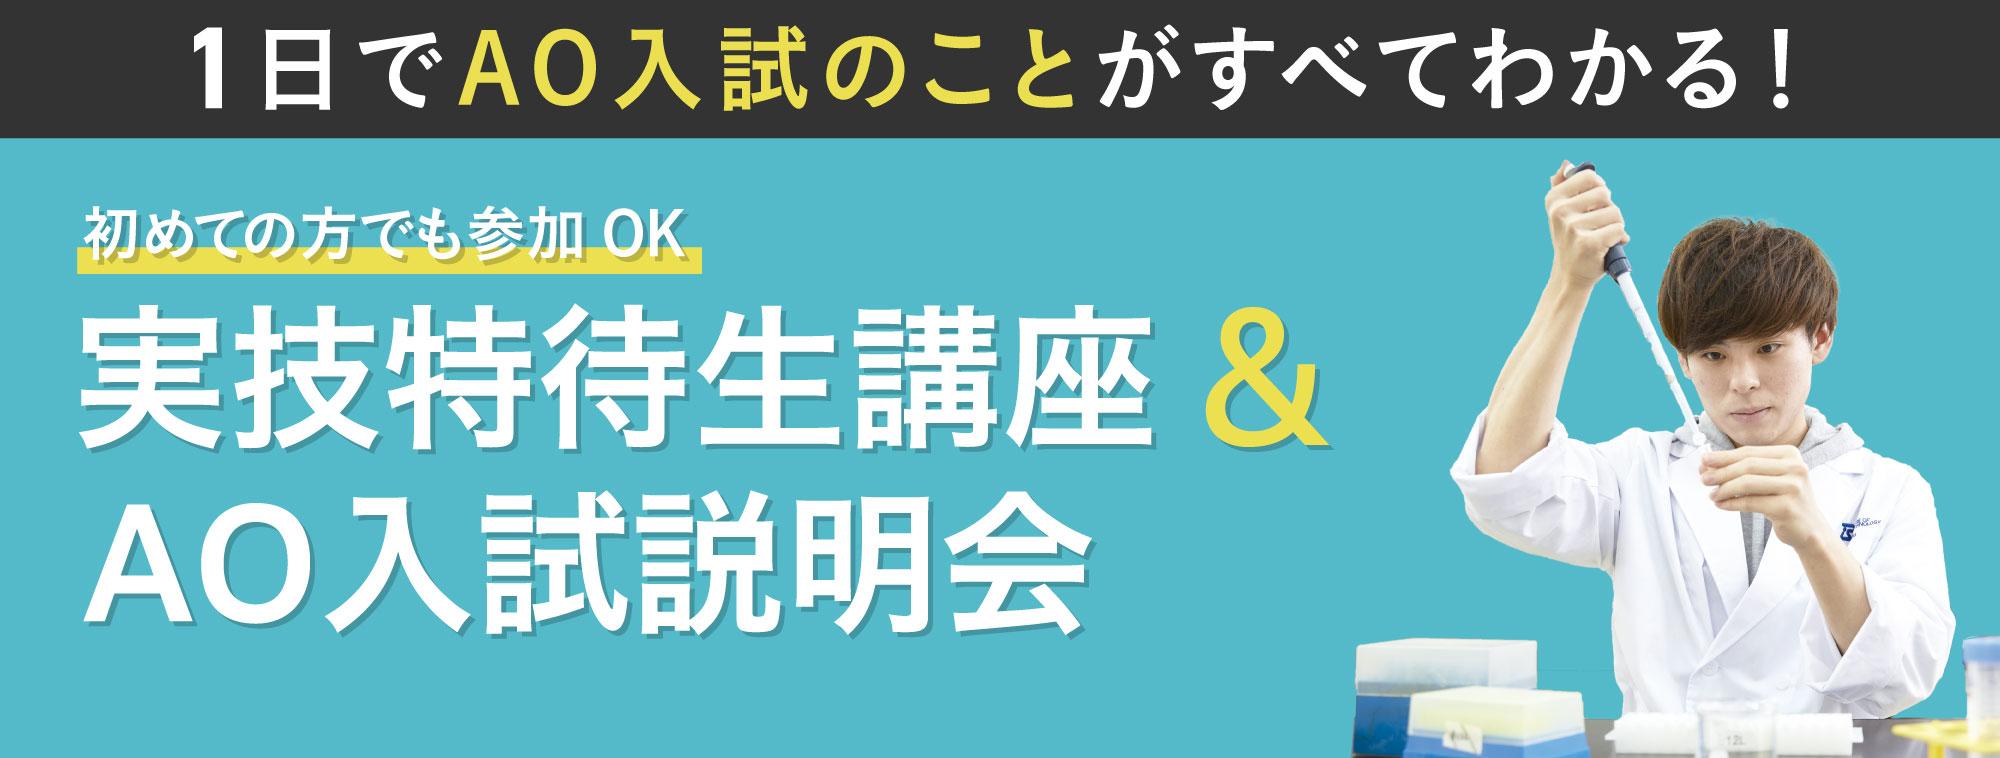 AO入試説明会&実技特待生講座